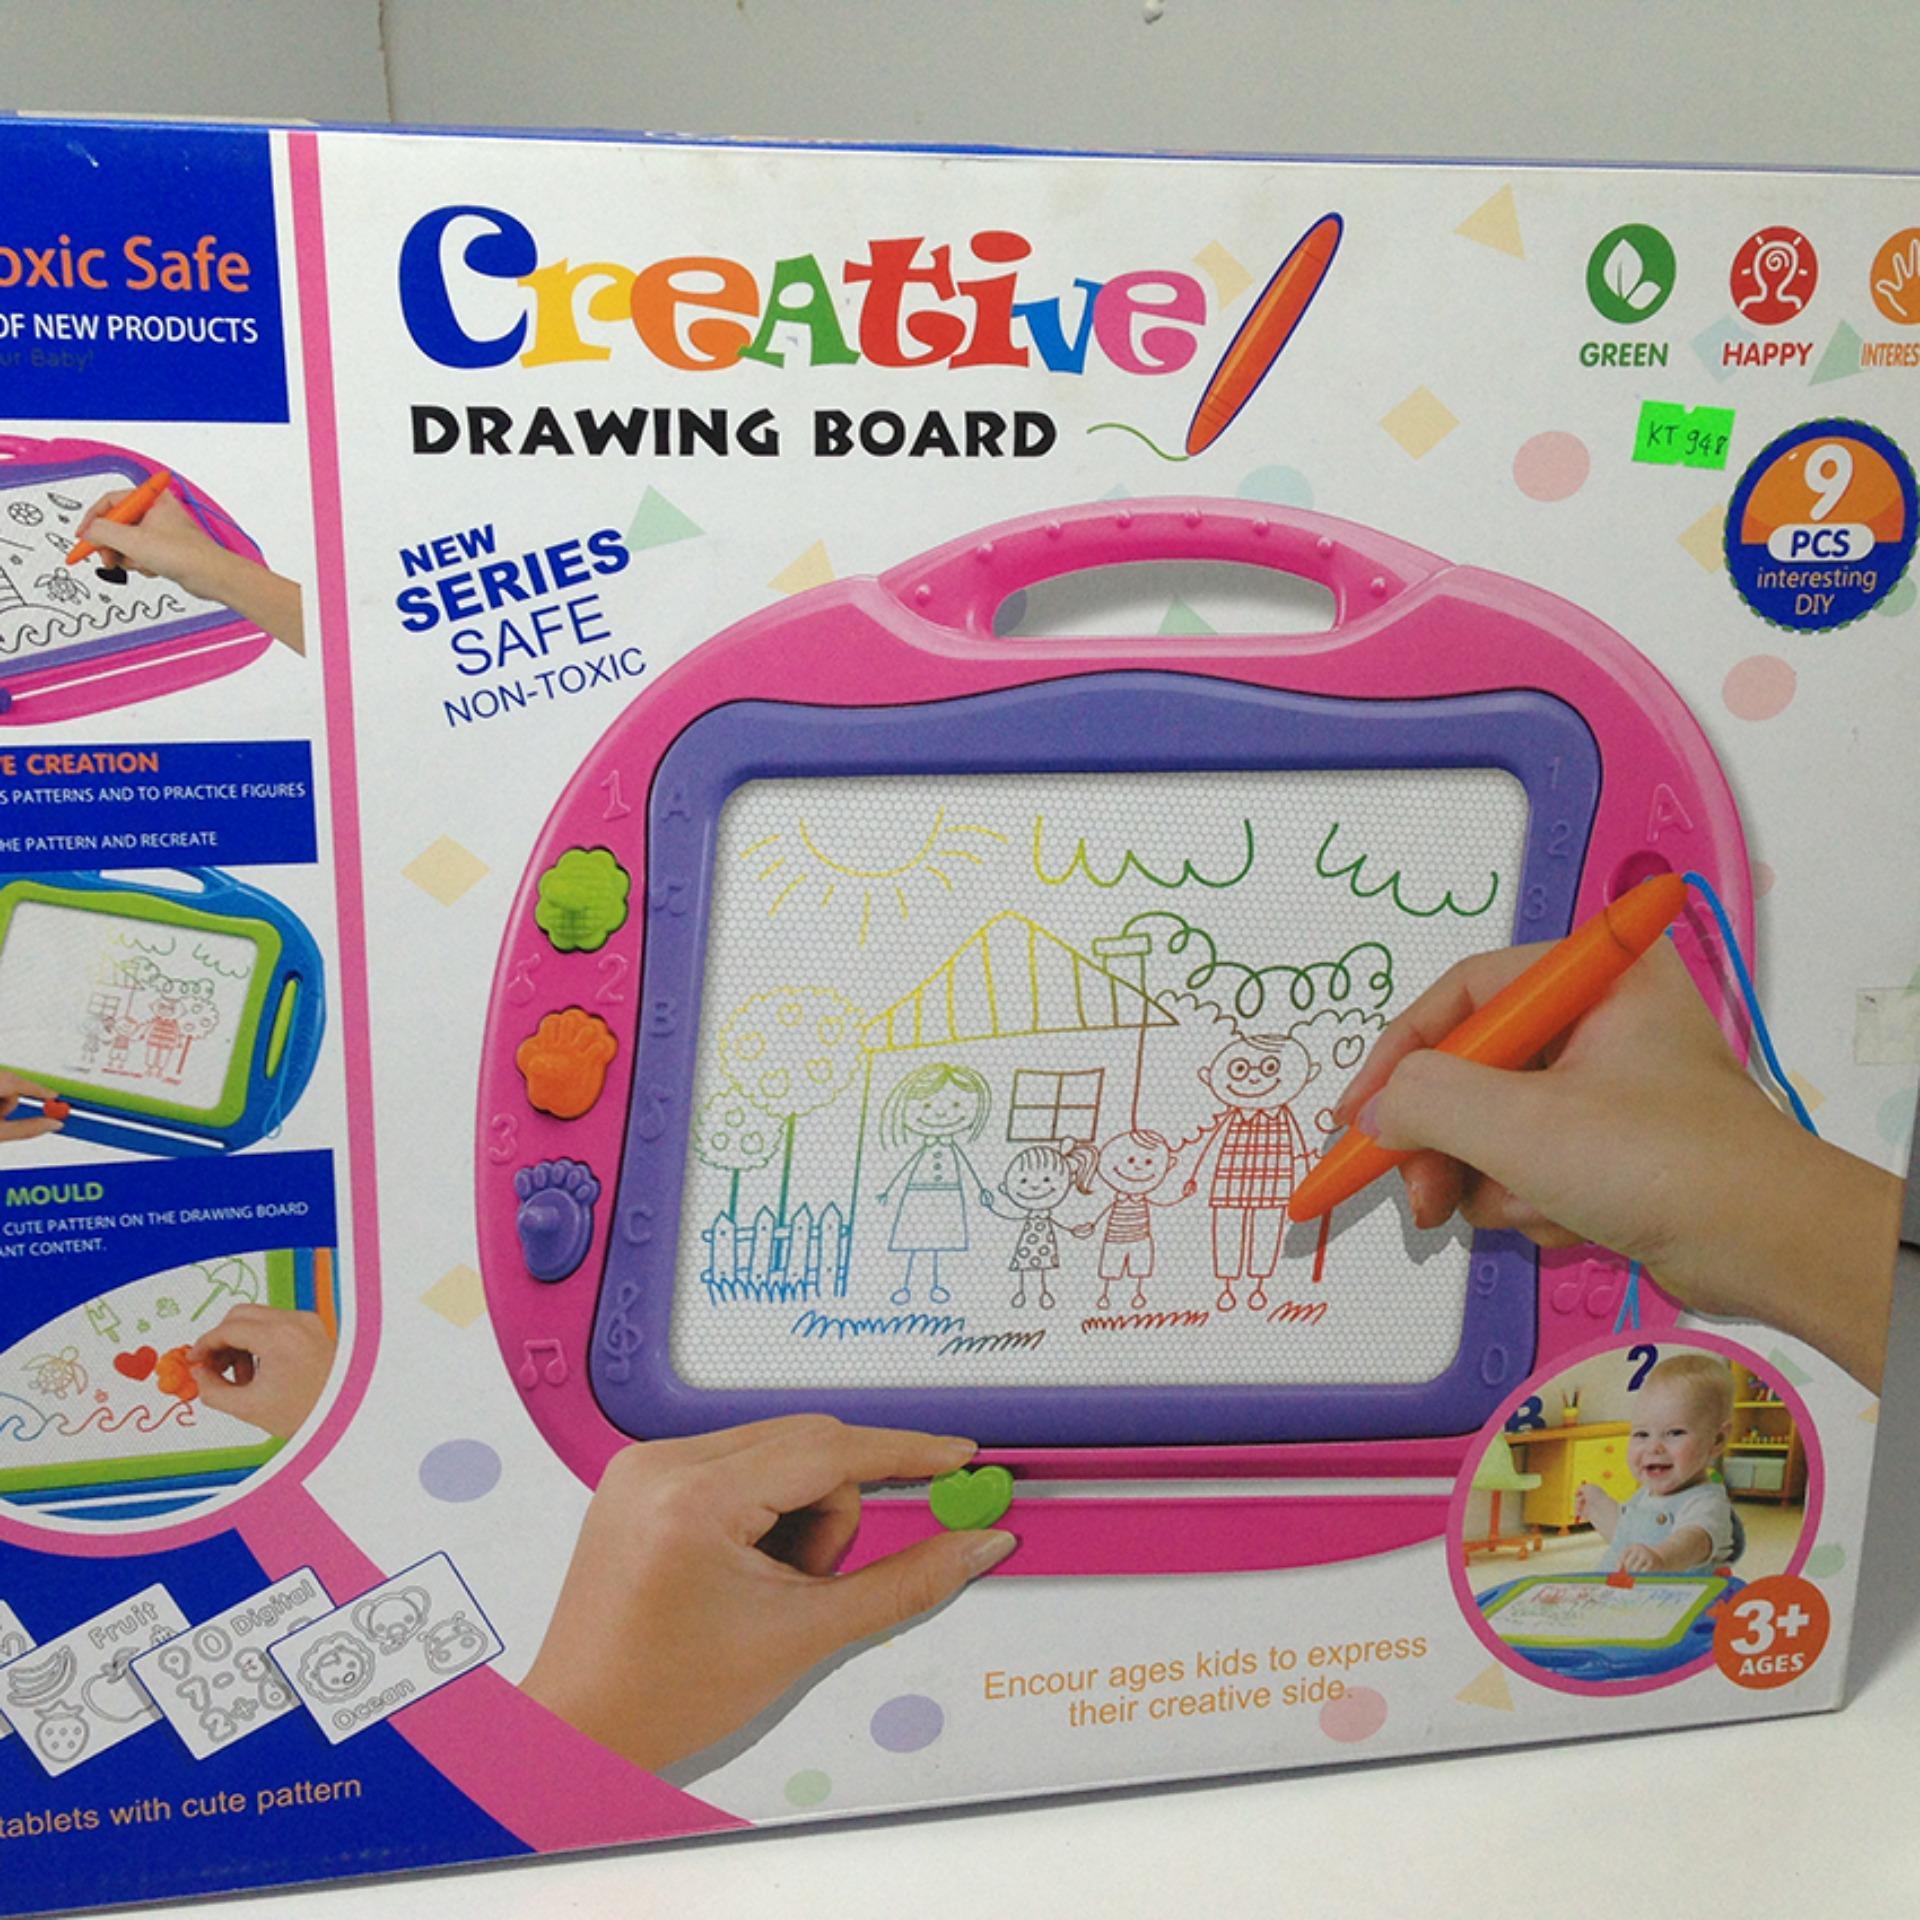 Hình ảnh Bảng xóa Creative Drawing Board AT948